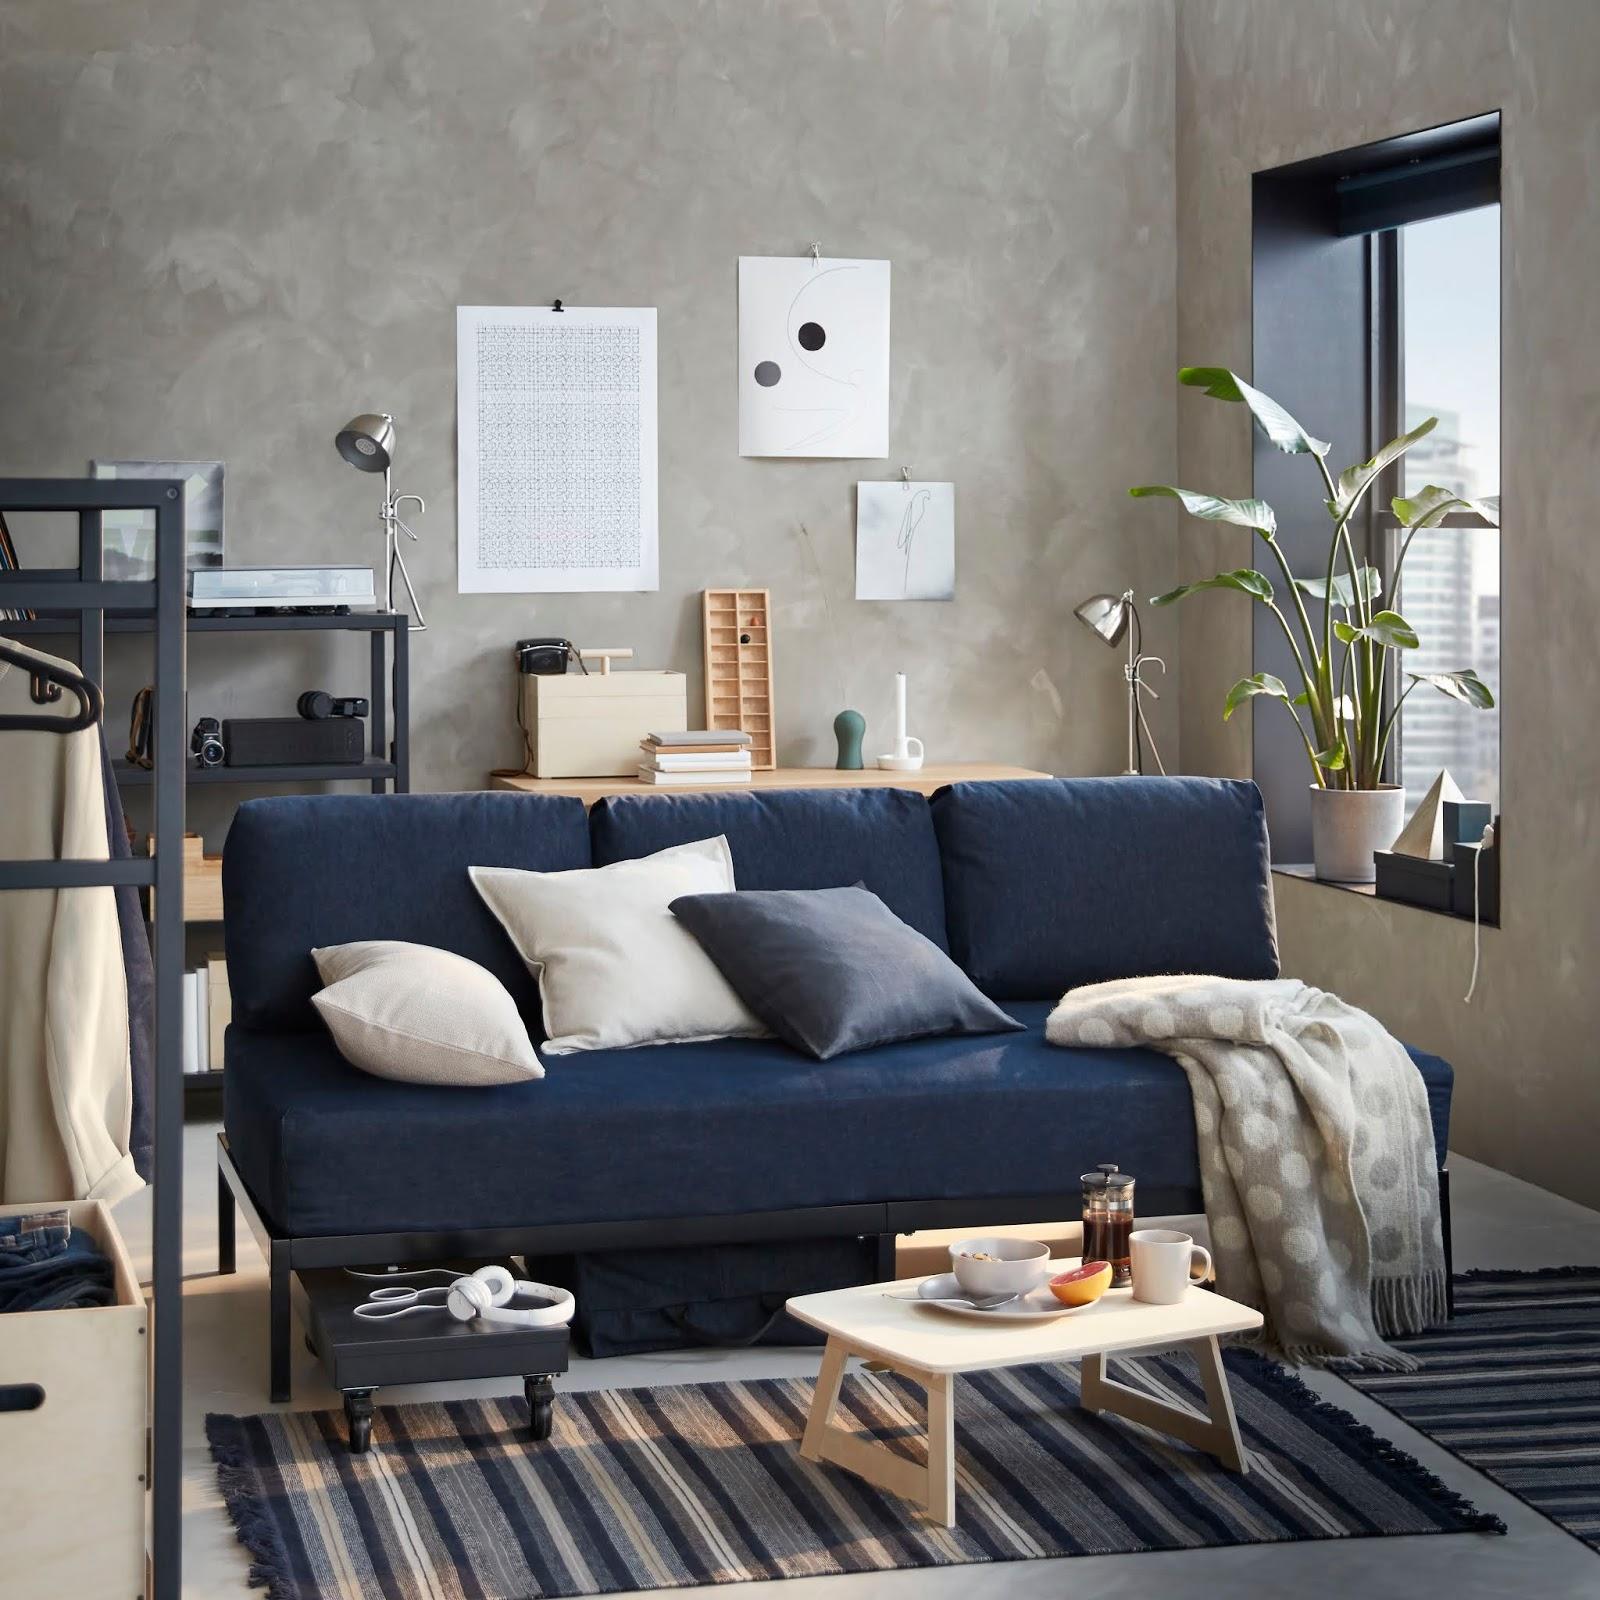 Katalog Ikea 2021 Lebih Idea Dan Inspirasi Dekorasi Rumah Untuk Kehidupan Lebih Selesa Pada Harga Mampu Milik Enchanted Life Begins